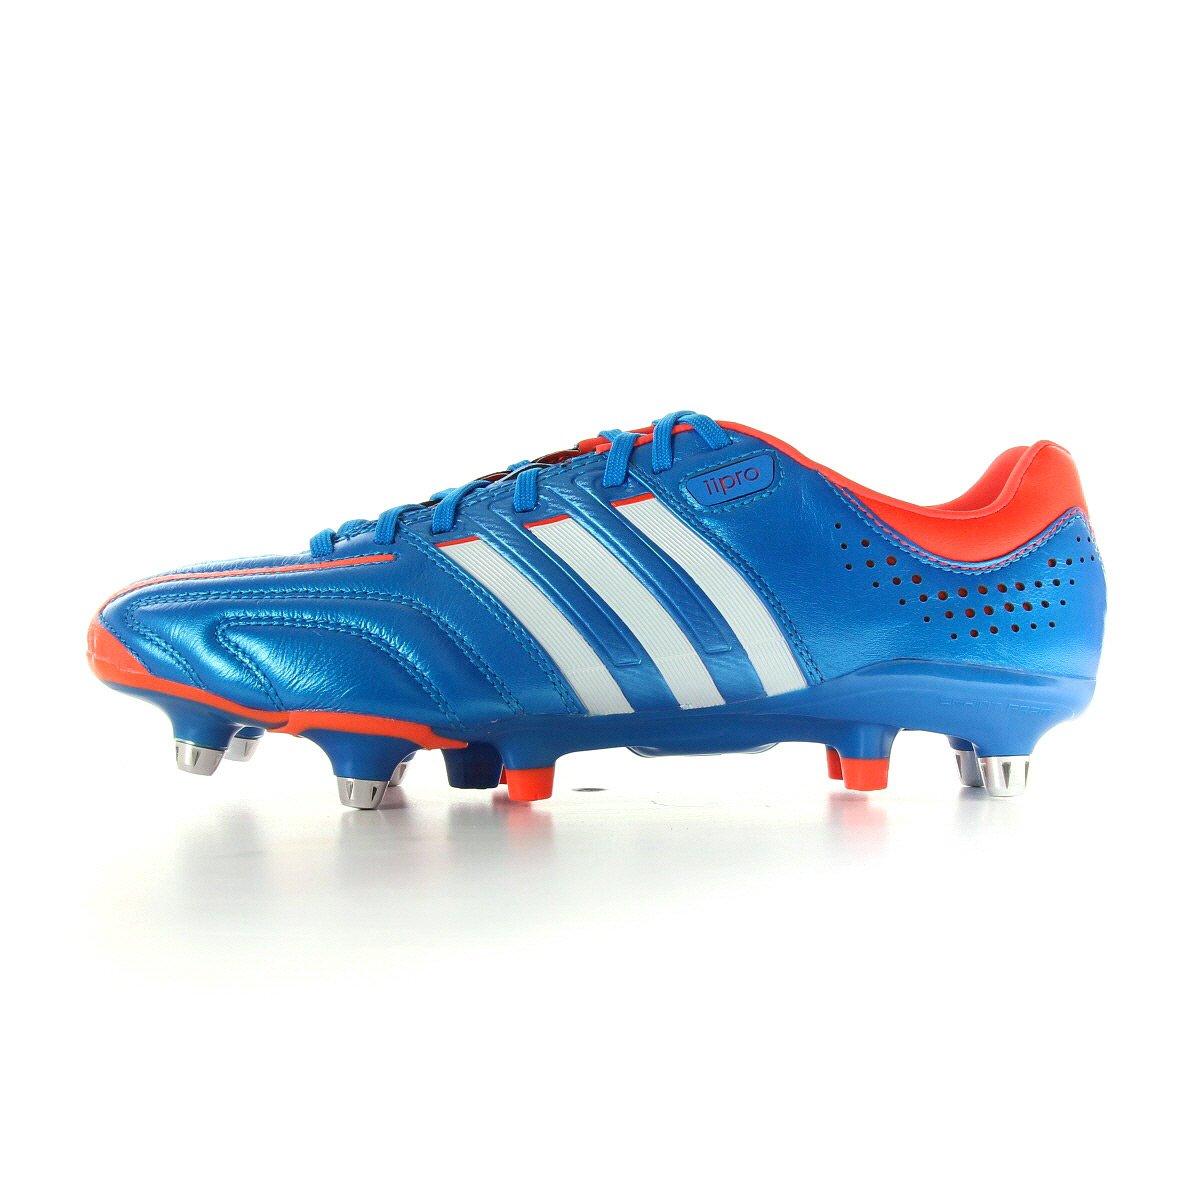 Adidas Adipure uomo uomo uomo scarpe calcio con tacchetti 11Pro Xtrx Sg G60015 8a712f